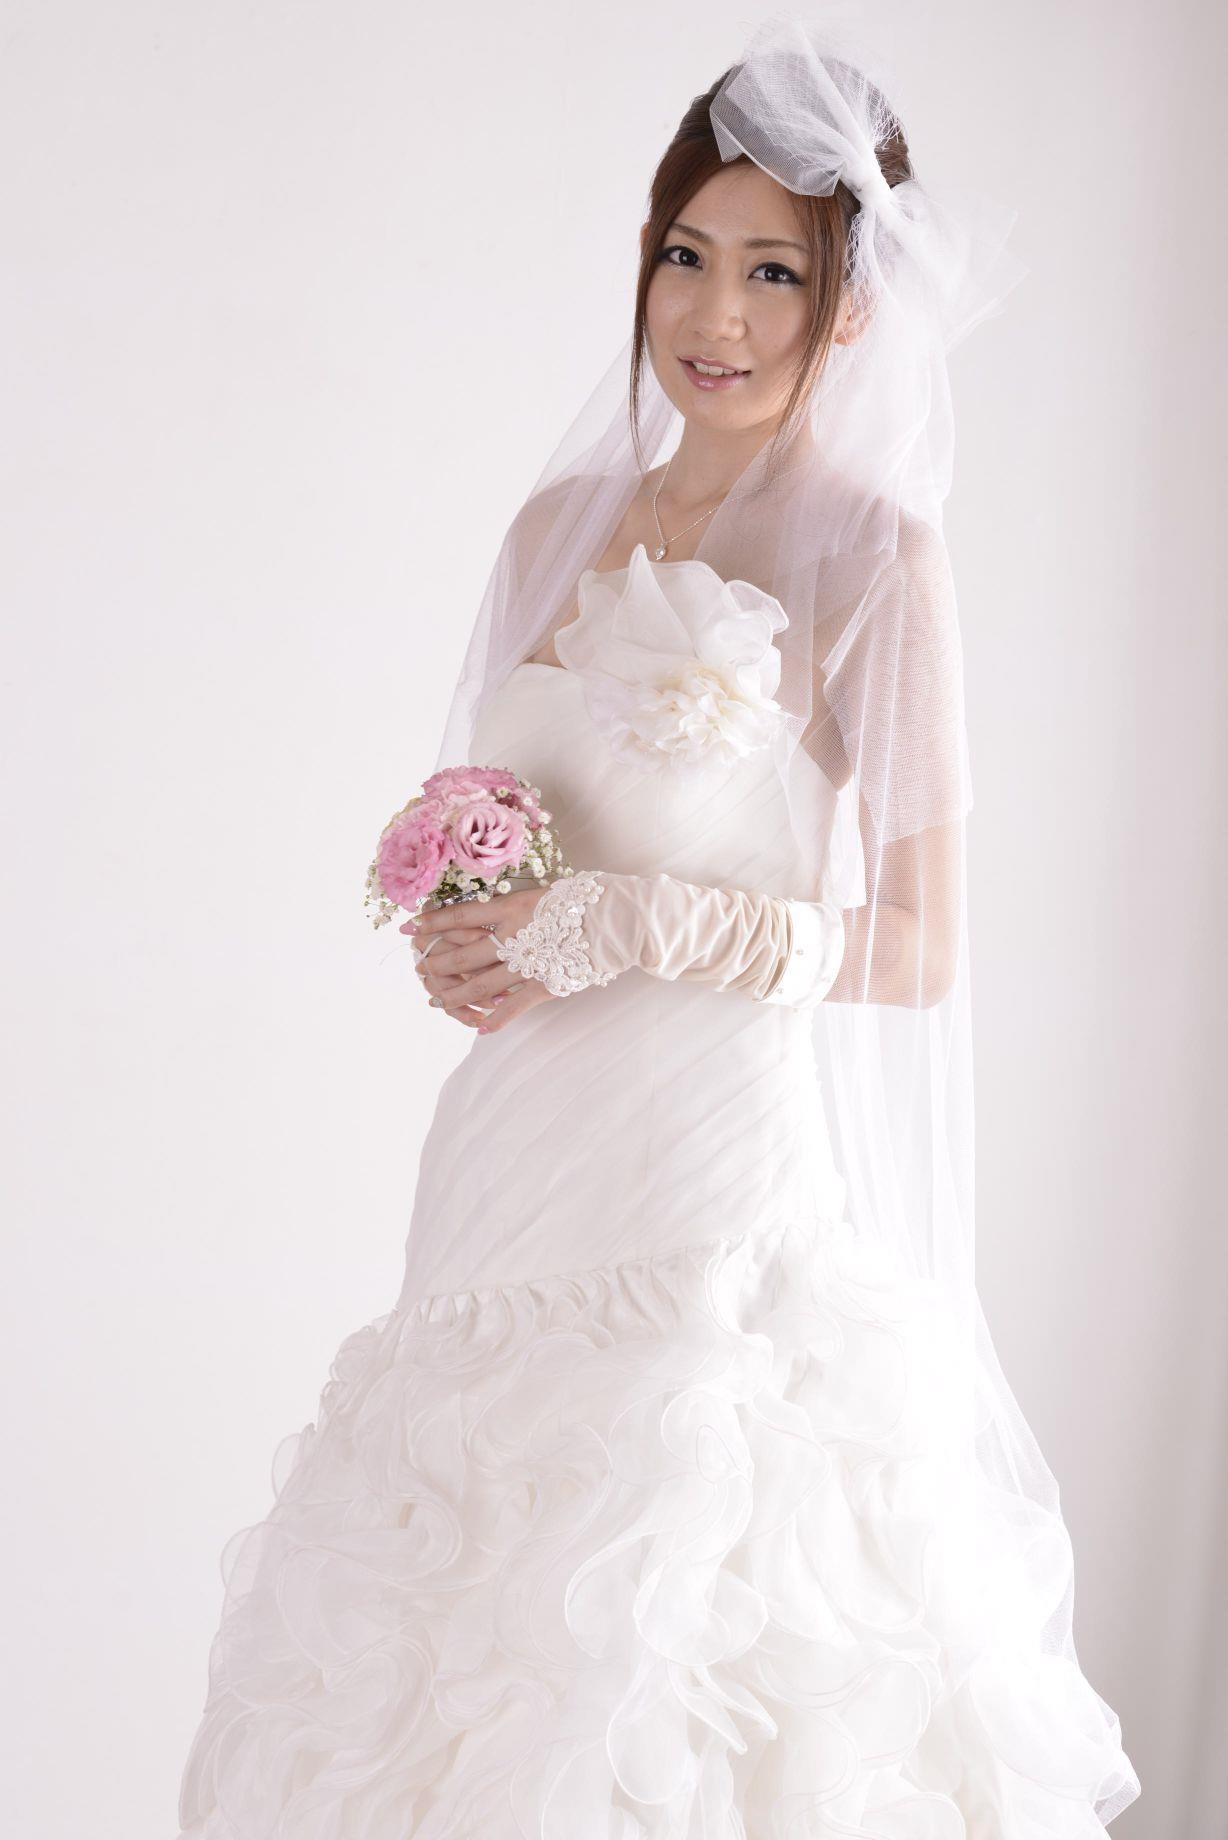 前田かおり ウェディングドレス画像 21